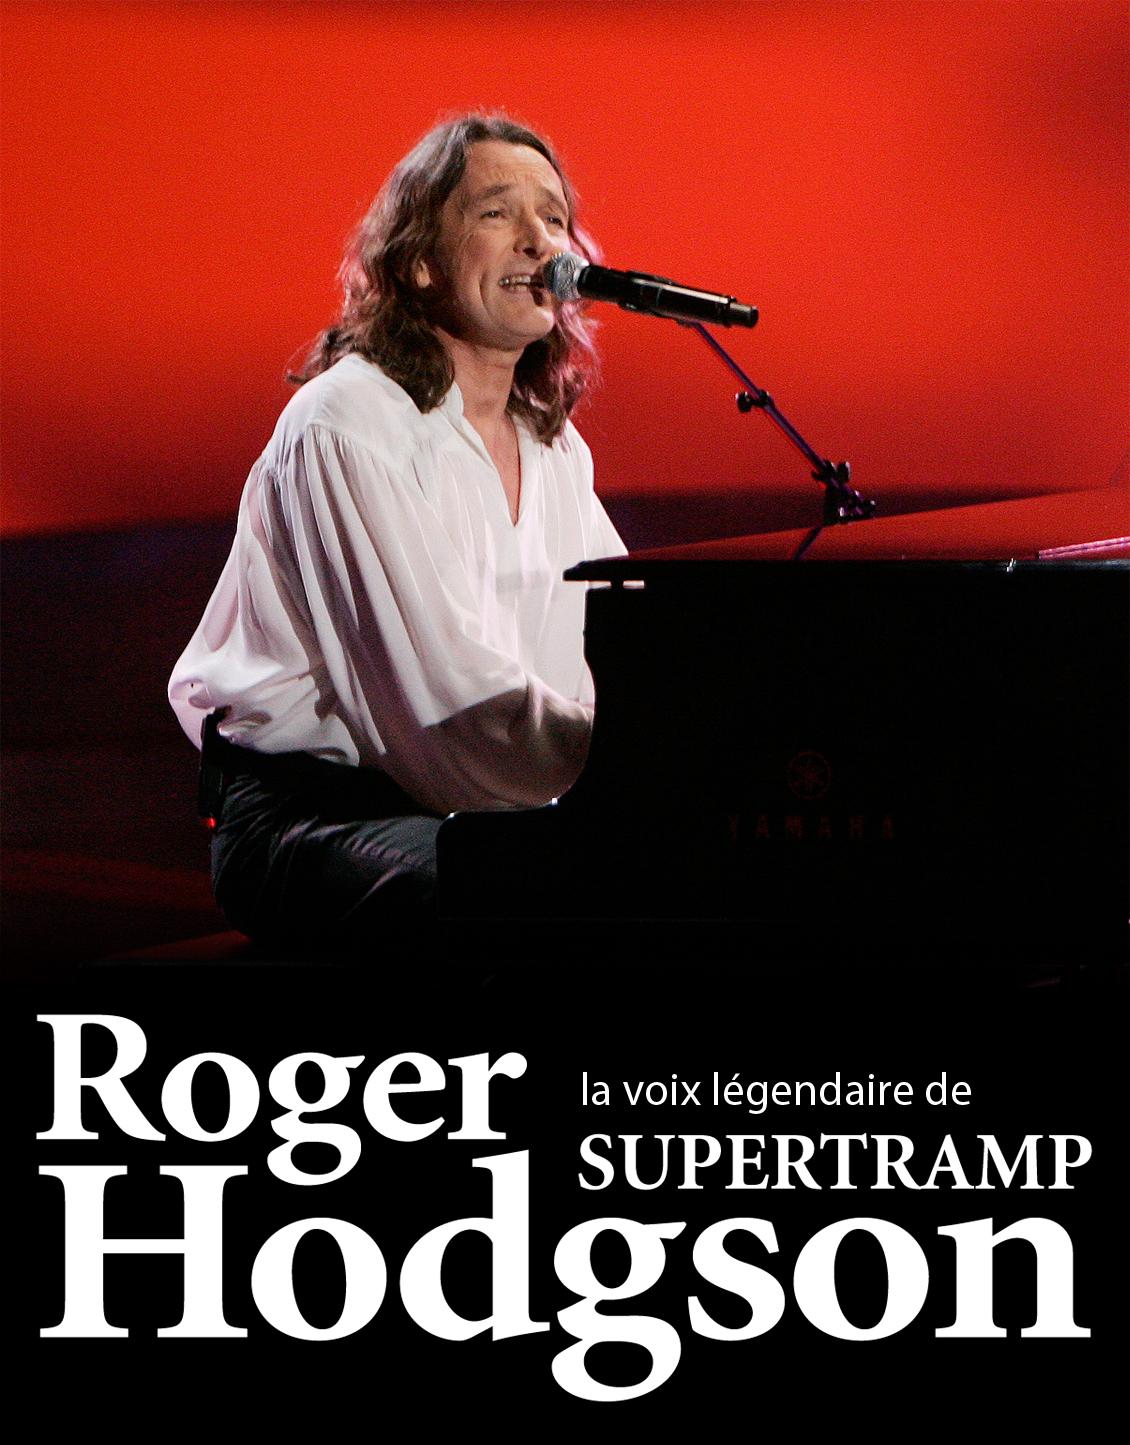 Roger Hodgson Concert